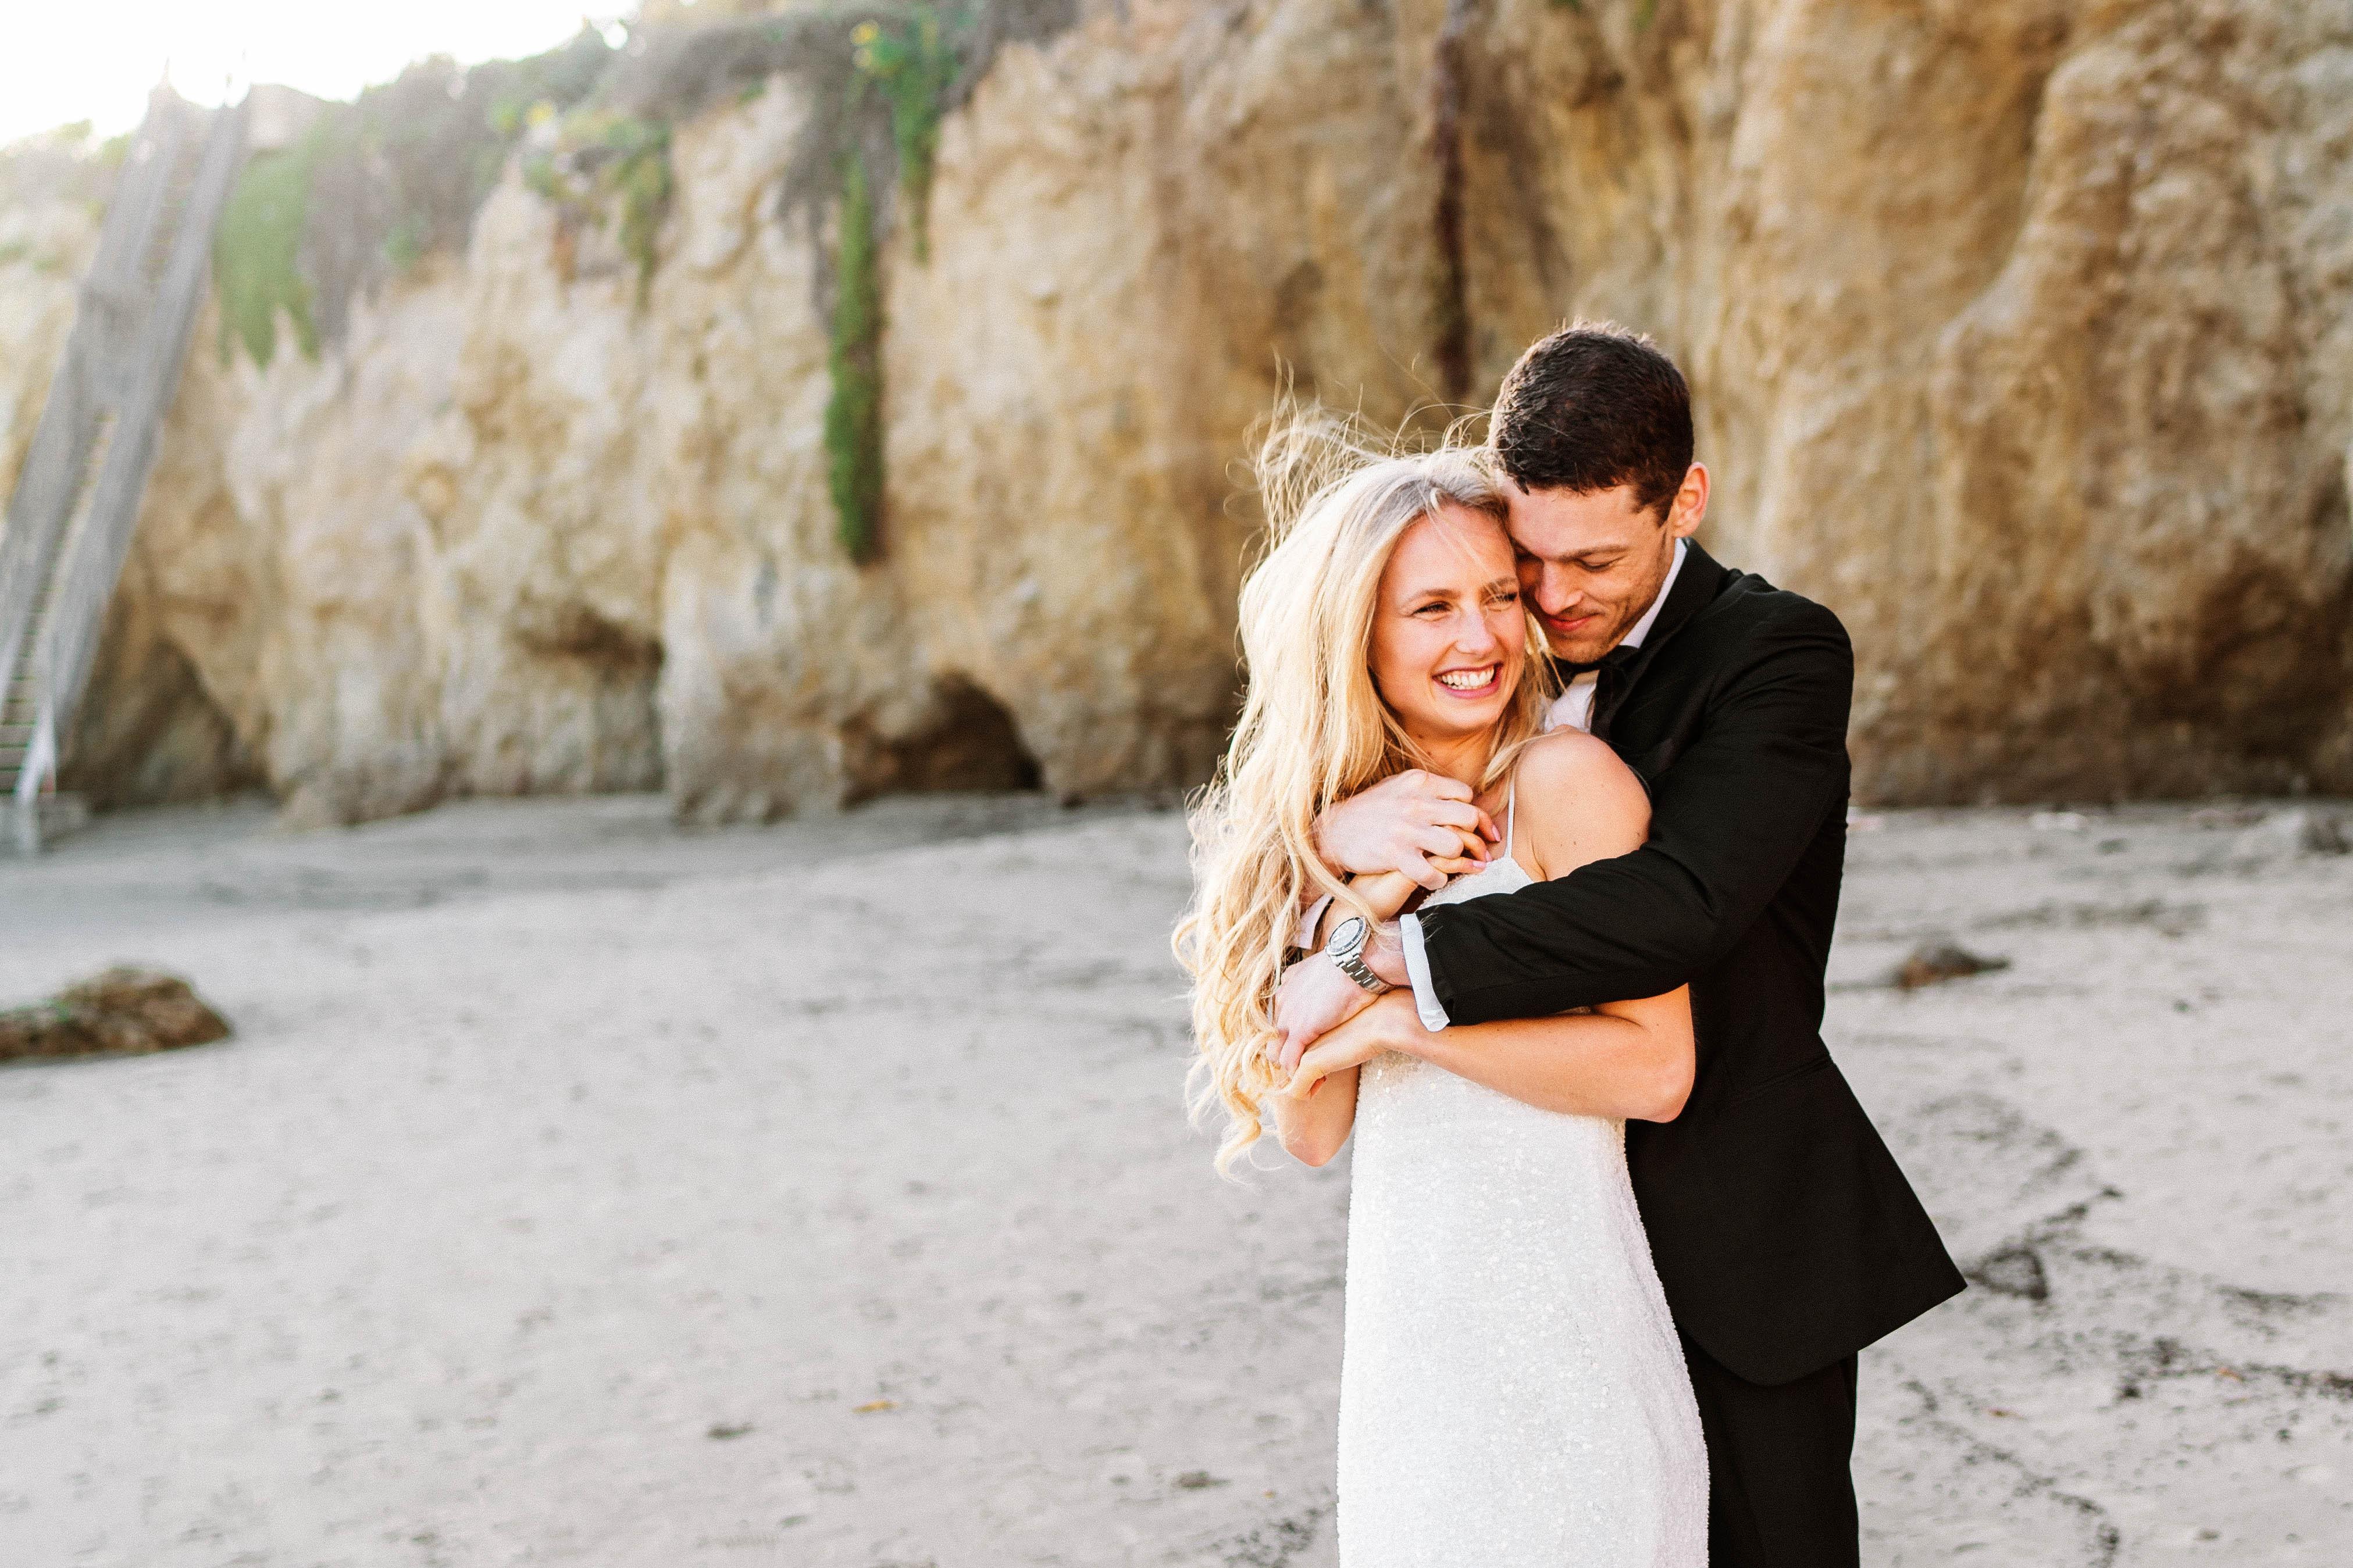 Destination-wedding-photgrapher